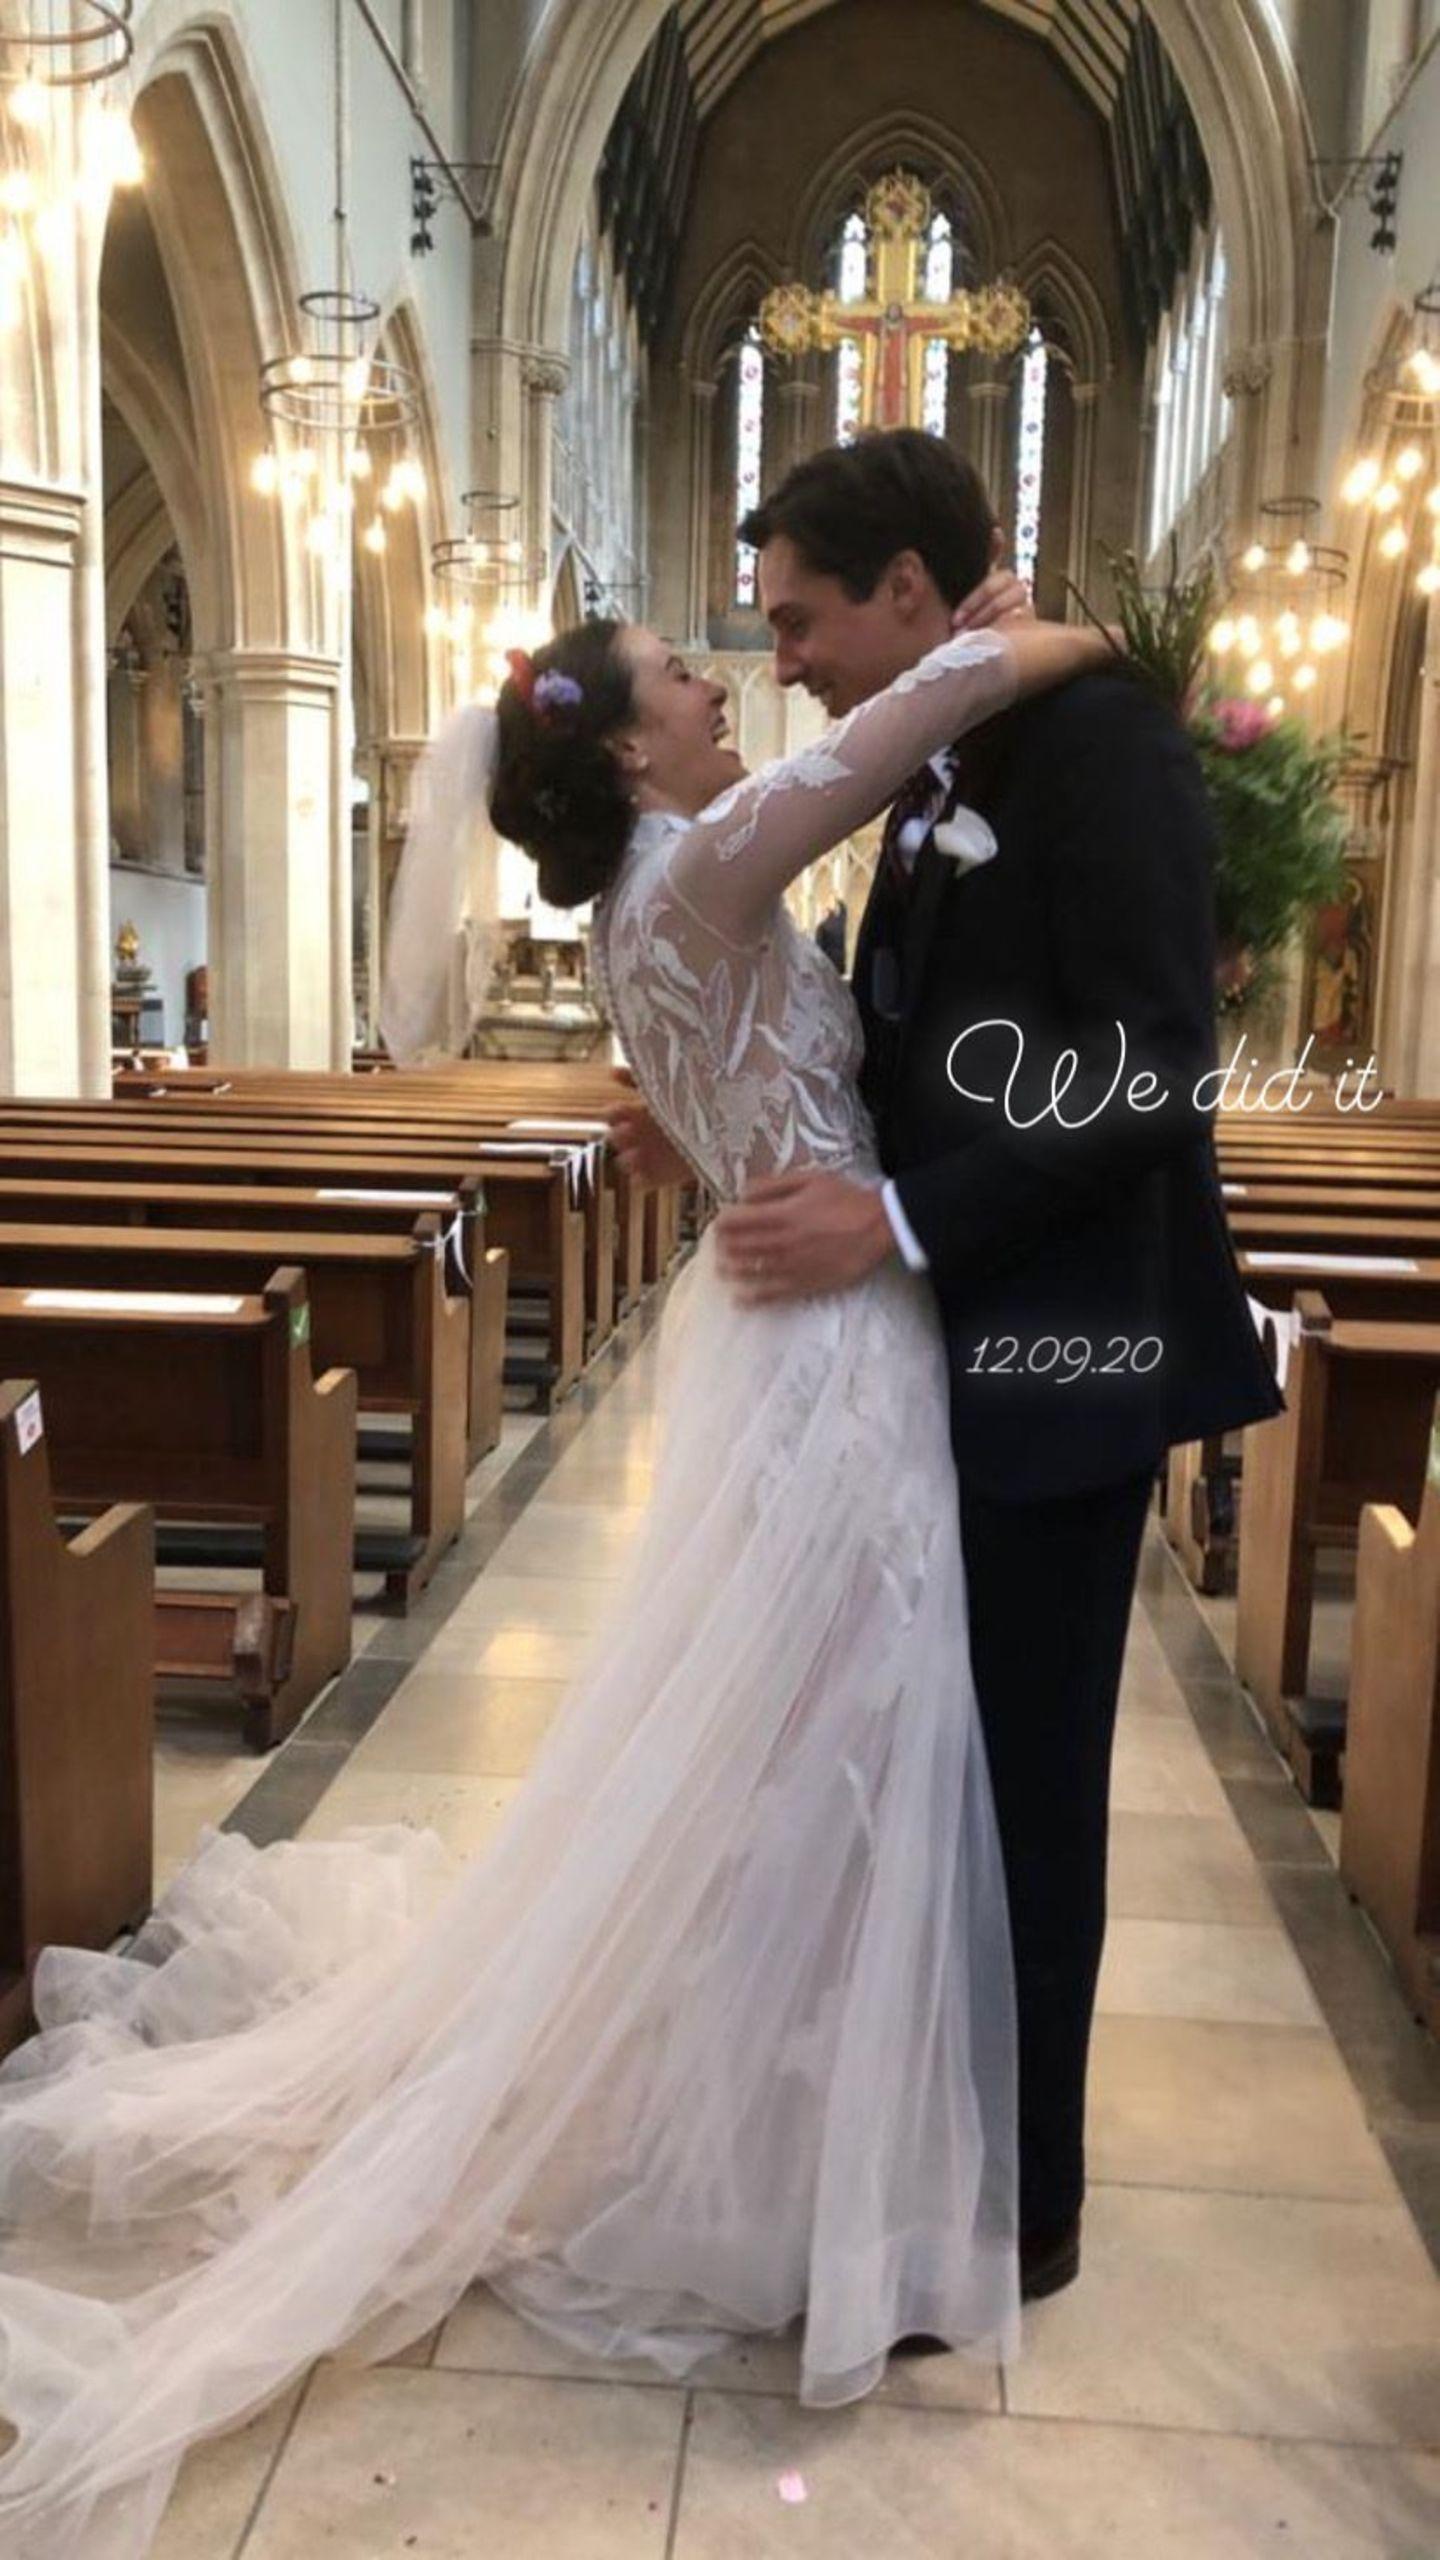 Ganz traditionell schreitet sie mit weißem Brautkleid und Schleier vor den Altar. Das Kleid, bestehend aus Spitzen-Top und Tüllrock ist ein wahr gewordener Vintage-Traum.